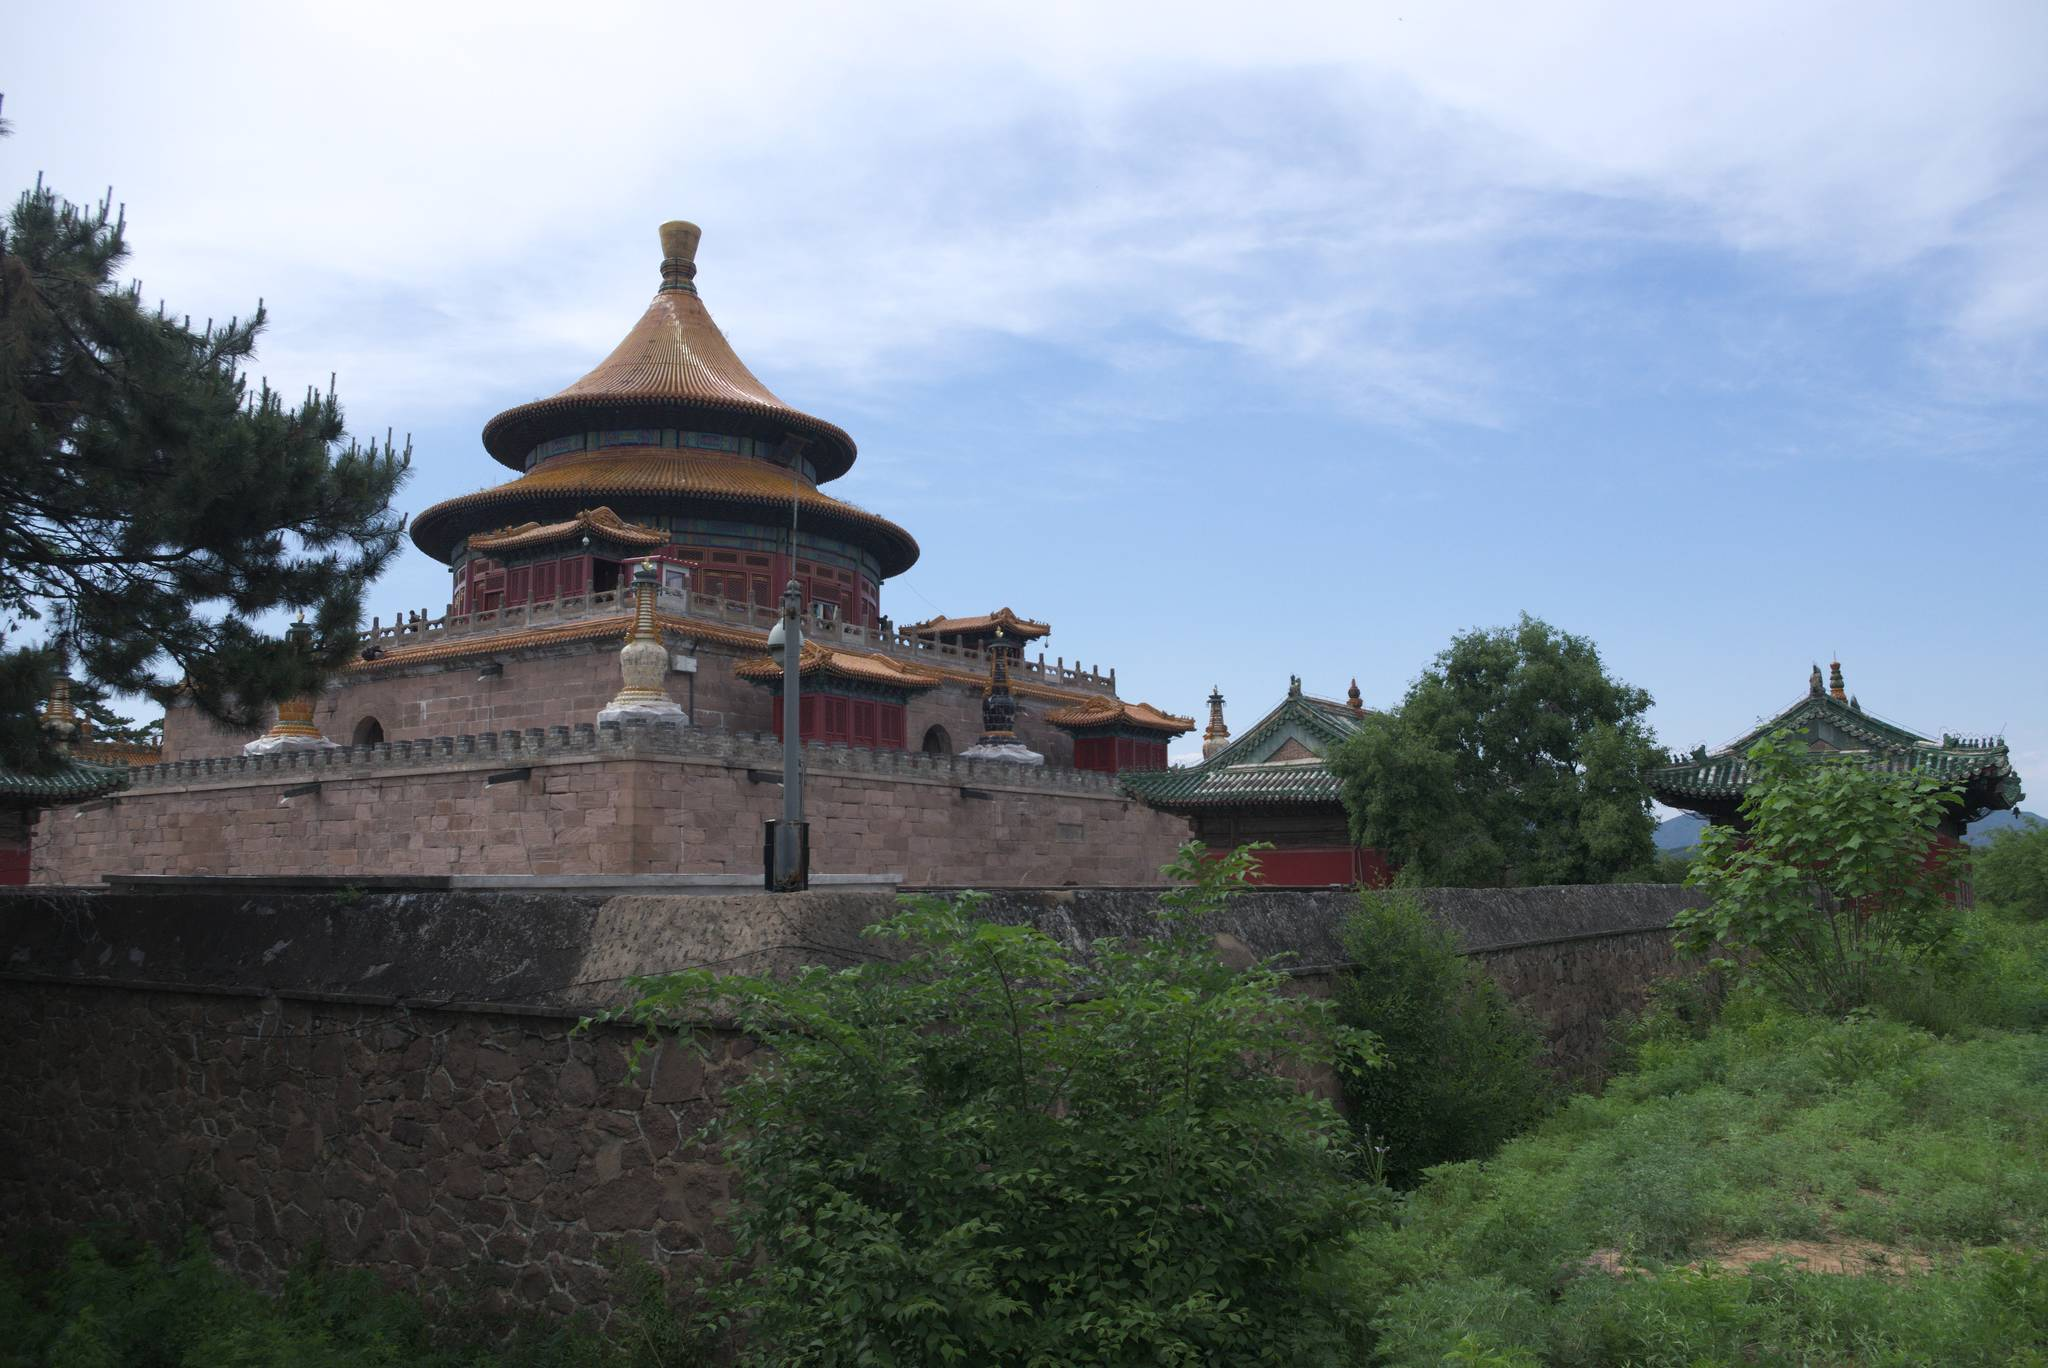 świątynia znacznie lepiej prezentuje się od tyłu